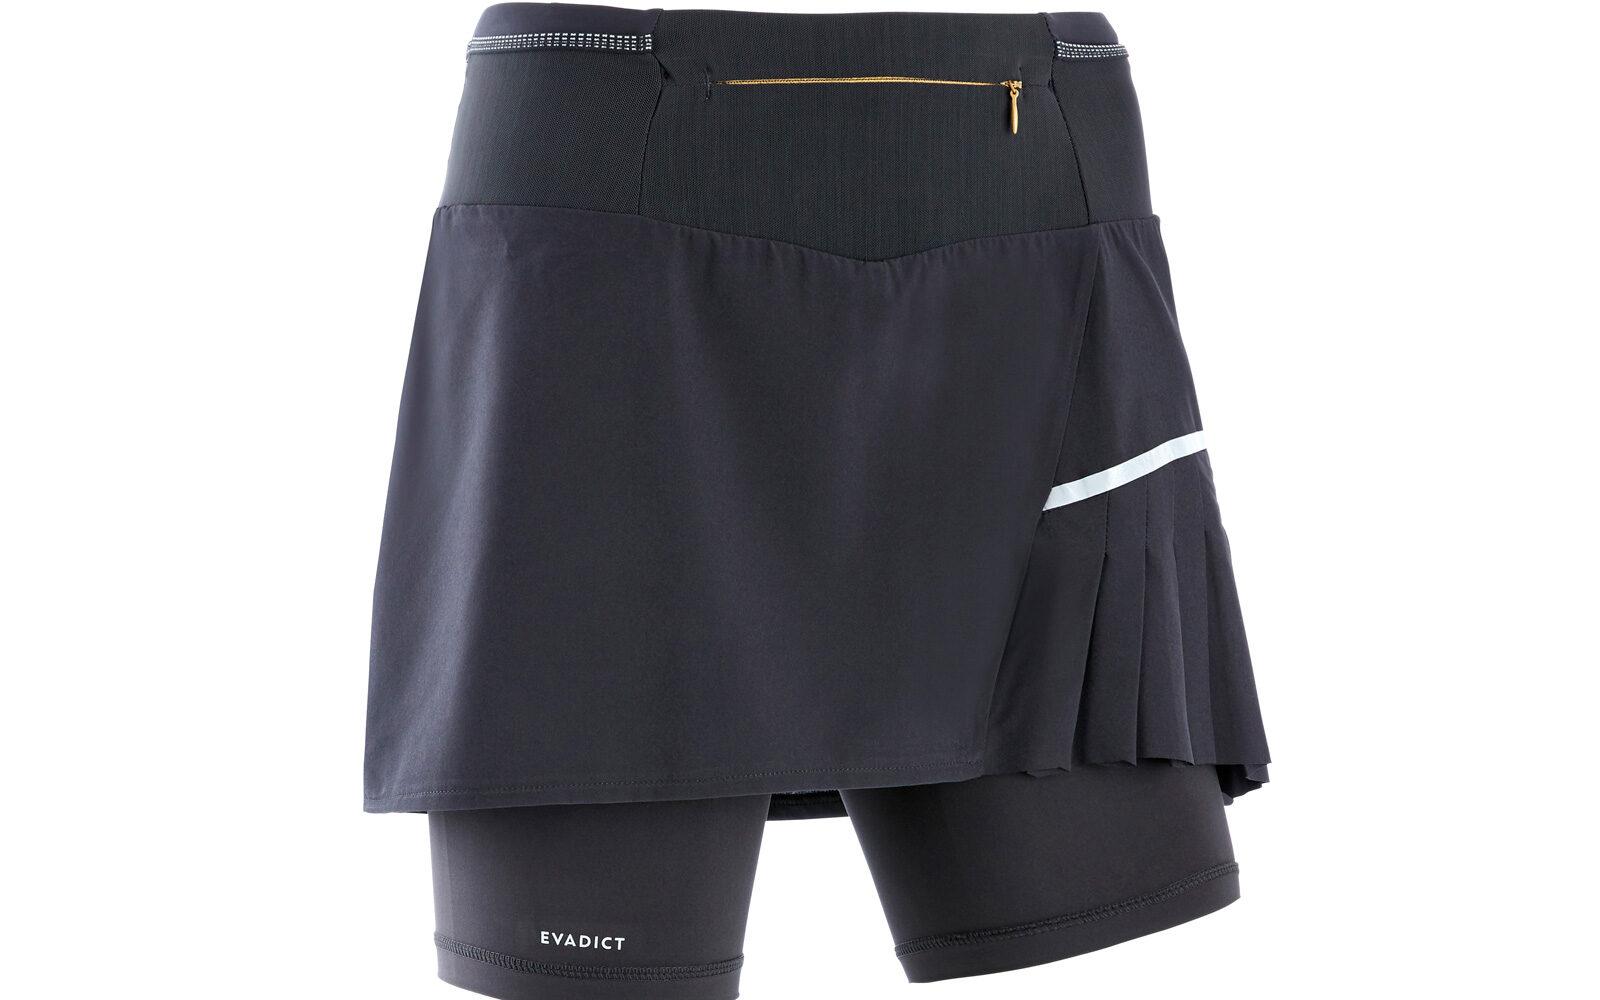 Kalenji by Decathlon, gonna-pantaloncino a vita alta con comodo marsupio, cosciali anti-irritazione, multitasche, tessuto leggero traspirante. Euro 29,99